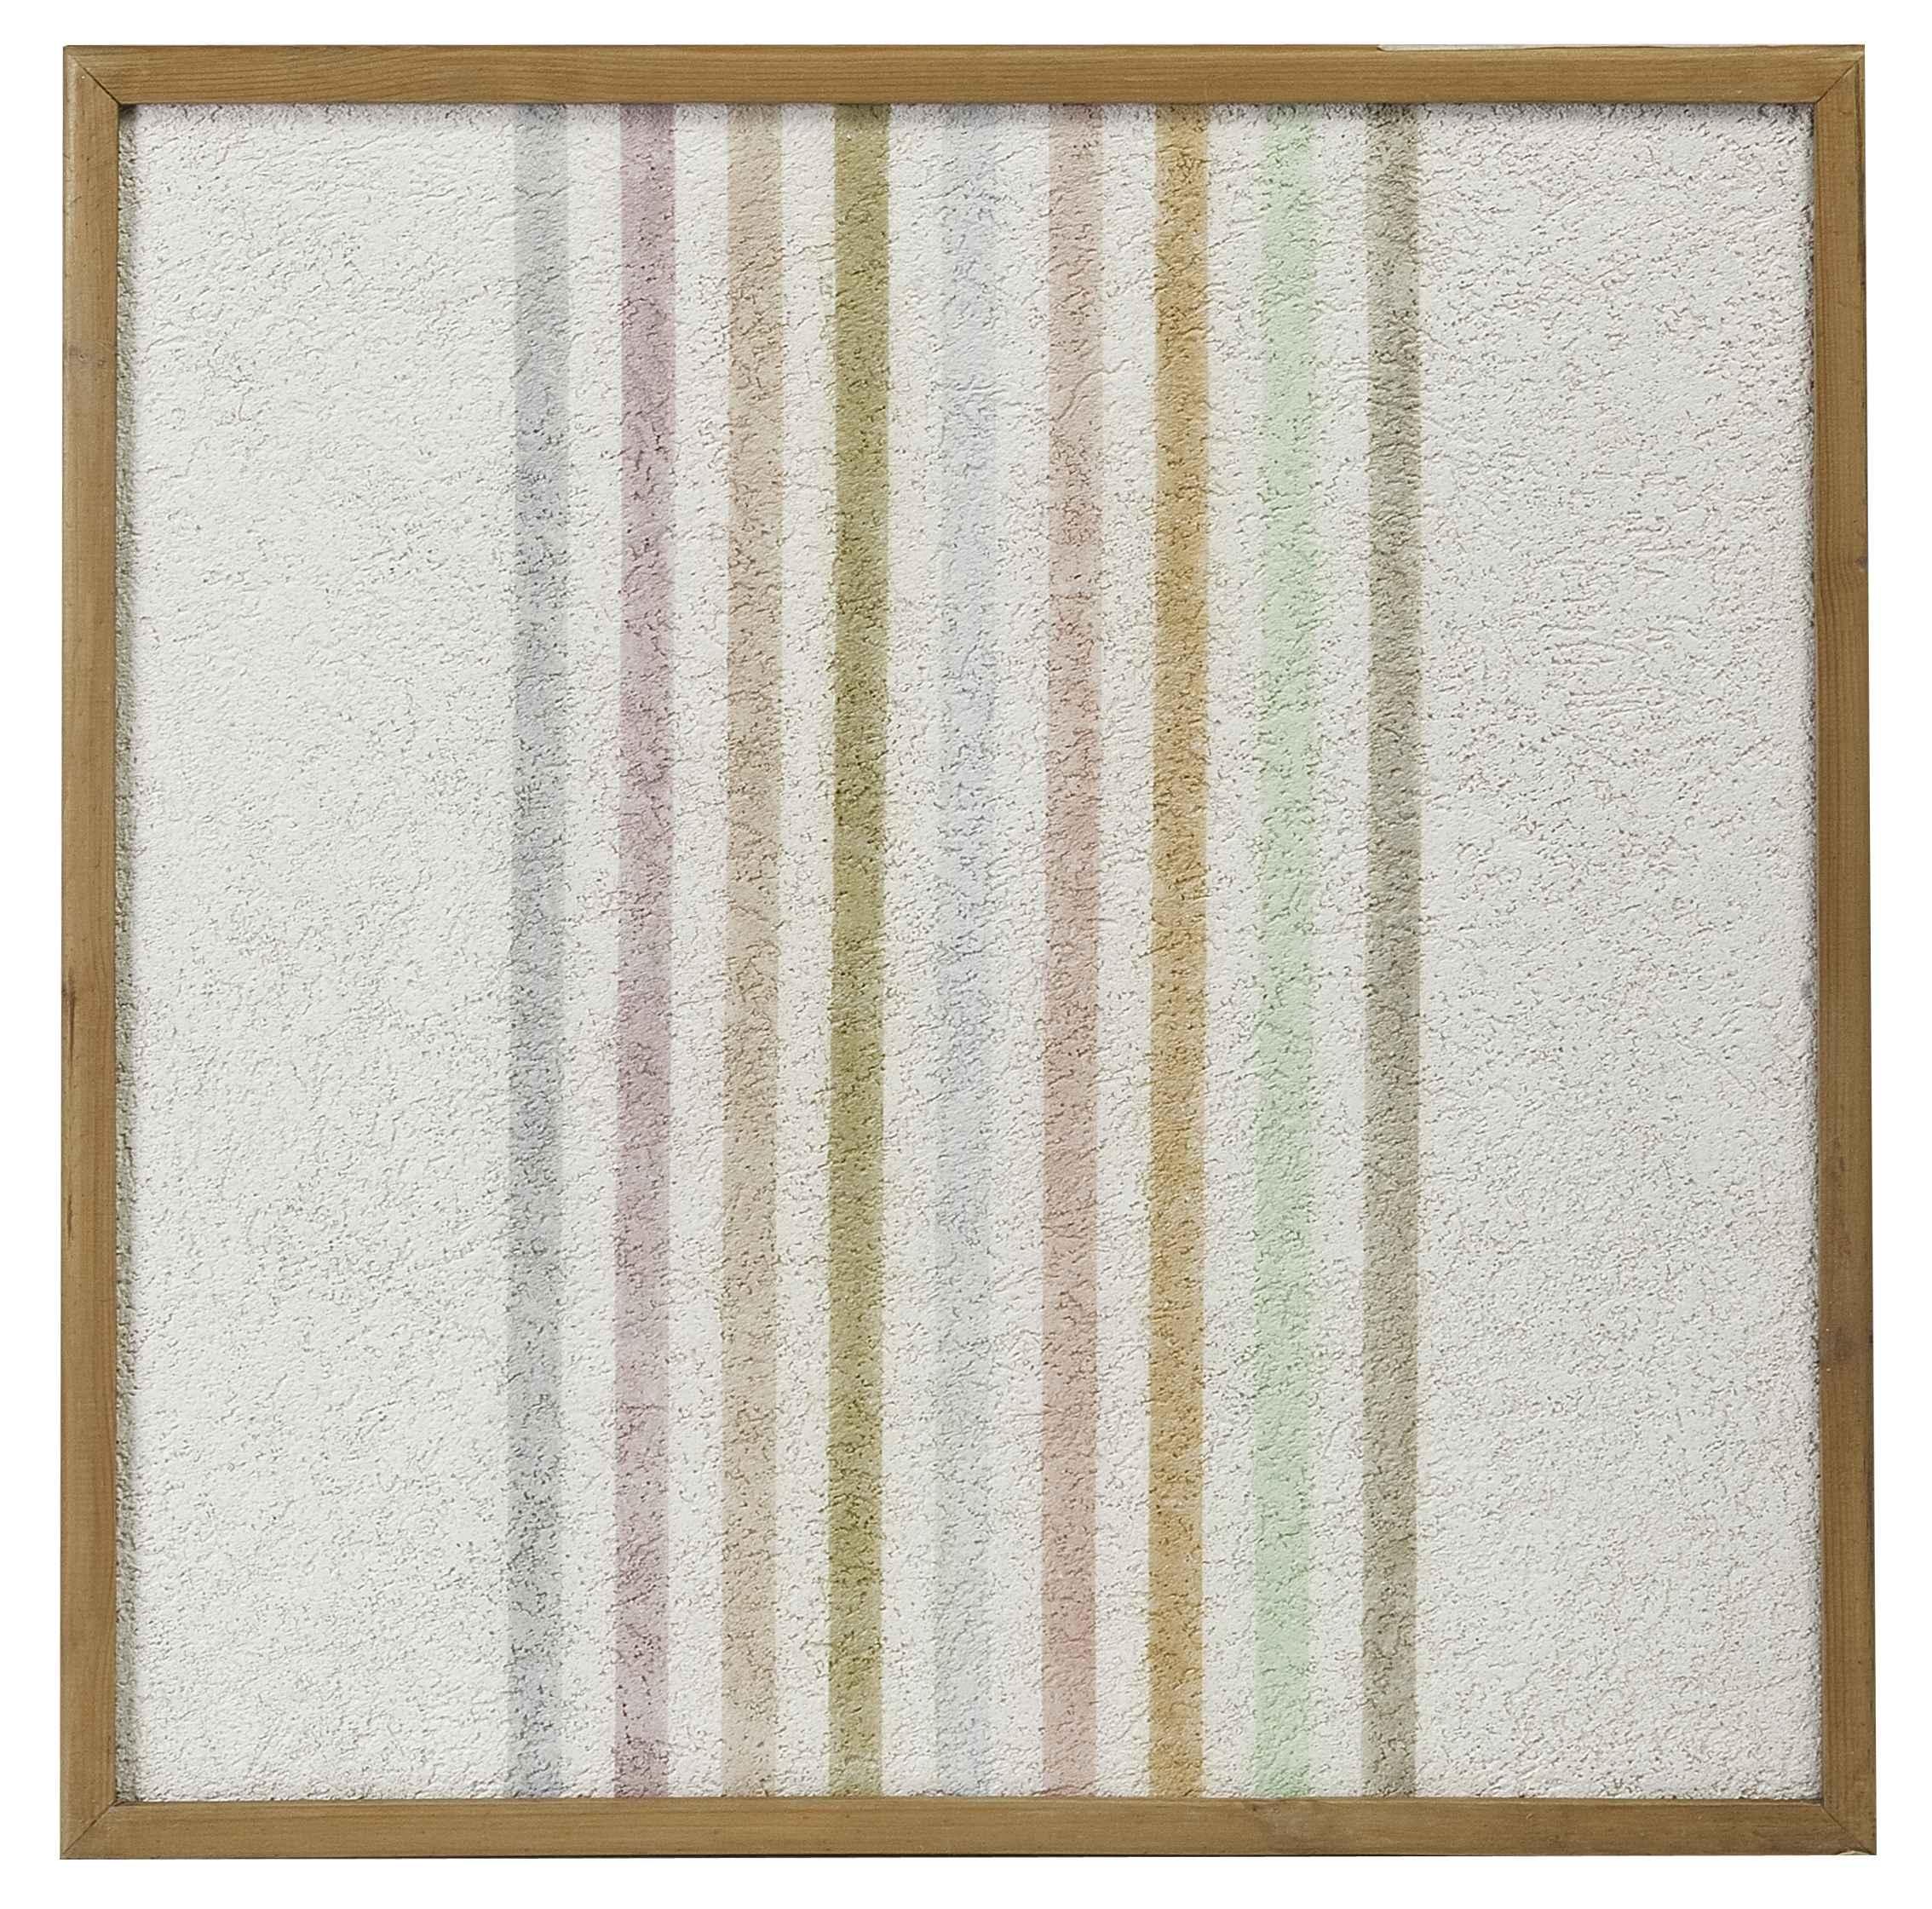 Elio Marchegiani, Grammature di colore - supporto intonaco n.54, 1974, cm 51.5x 51.5